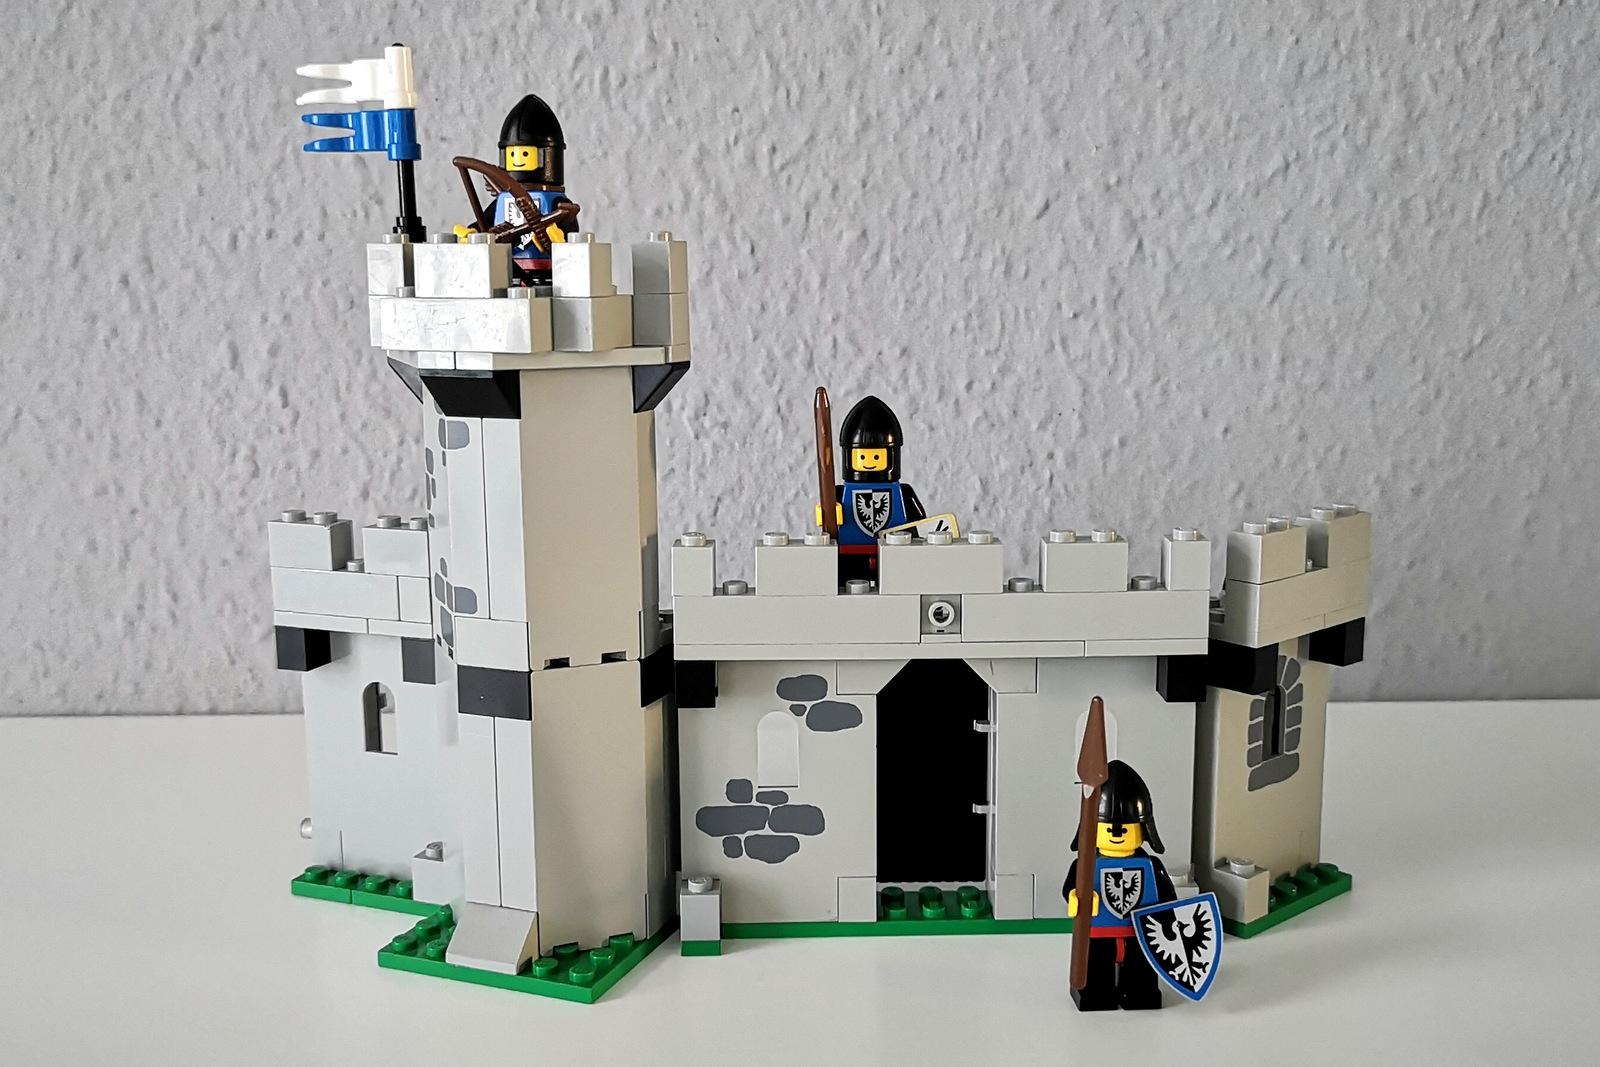 LEGO 6062 Burg mit Ritter Minifiguren